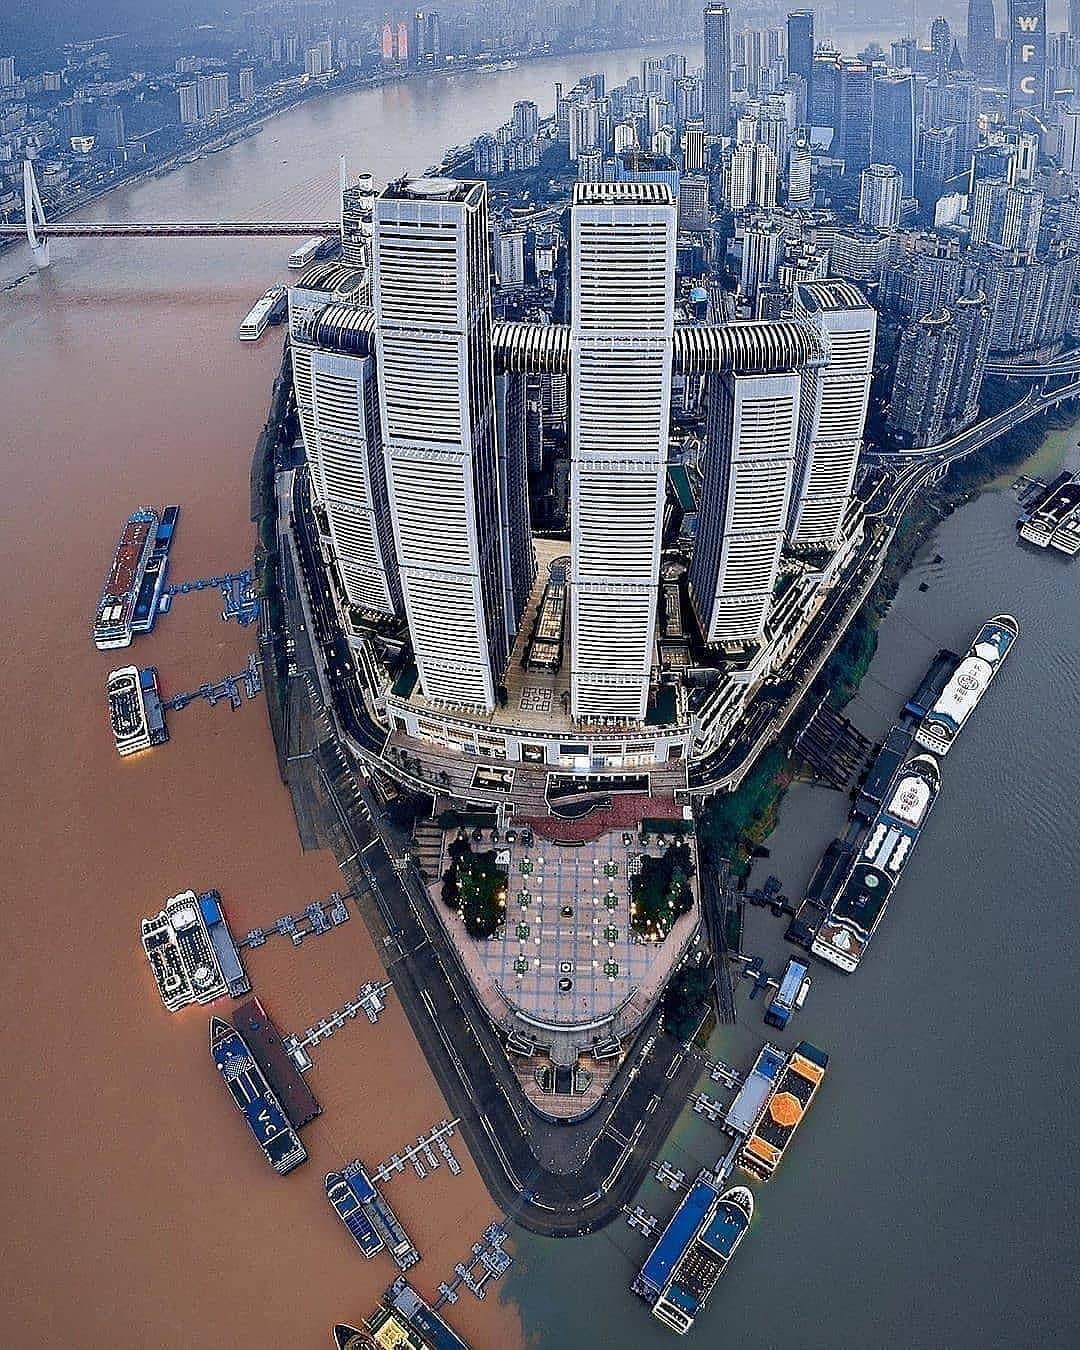 Bến tàu Chaotianmen (Cổng hướng lên trời) ở thành phố Trùng Khánh, Trung Quốc trở thành điểm thu hút dân mê săn ảnh vì là nơi giao nhau của sông Dương Tử và sông Gia Lăng. Màu của hai dòng sông khác nhau rõ rệt. Sông Dương Tử (hay còn gọi là là sông Trường Giang) dài nhất châu Á, mang nặng phù sa nên có màu vàng nâu. Còn nước sông Gia Lăng trong xanh hơn. Quảng trường Chaotianmen ngay bến tàu là địa điểm tốt nhất để ngắm hai con sông hợp lưu.